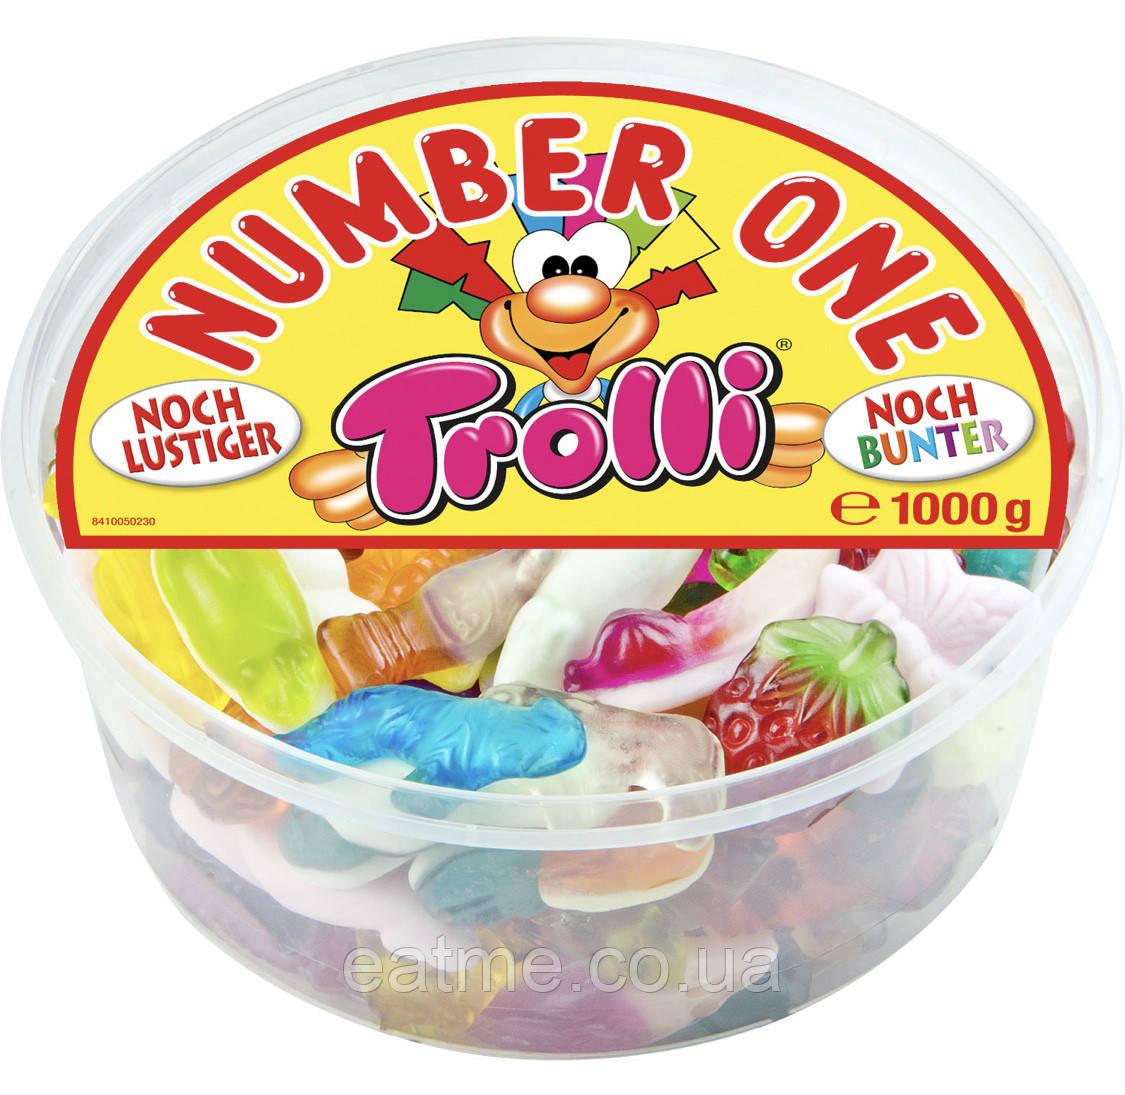 Trolli 1 kg Желейные Конфеты с фруктовыми вкусами